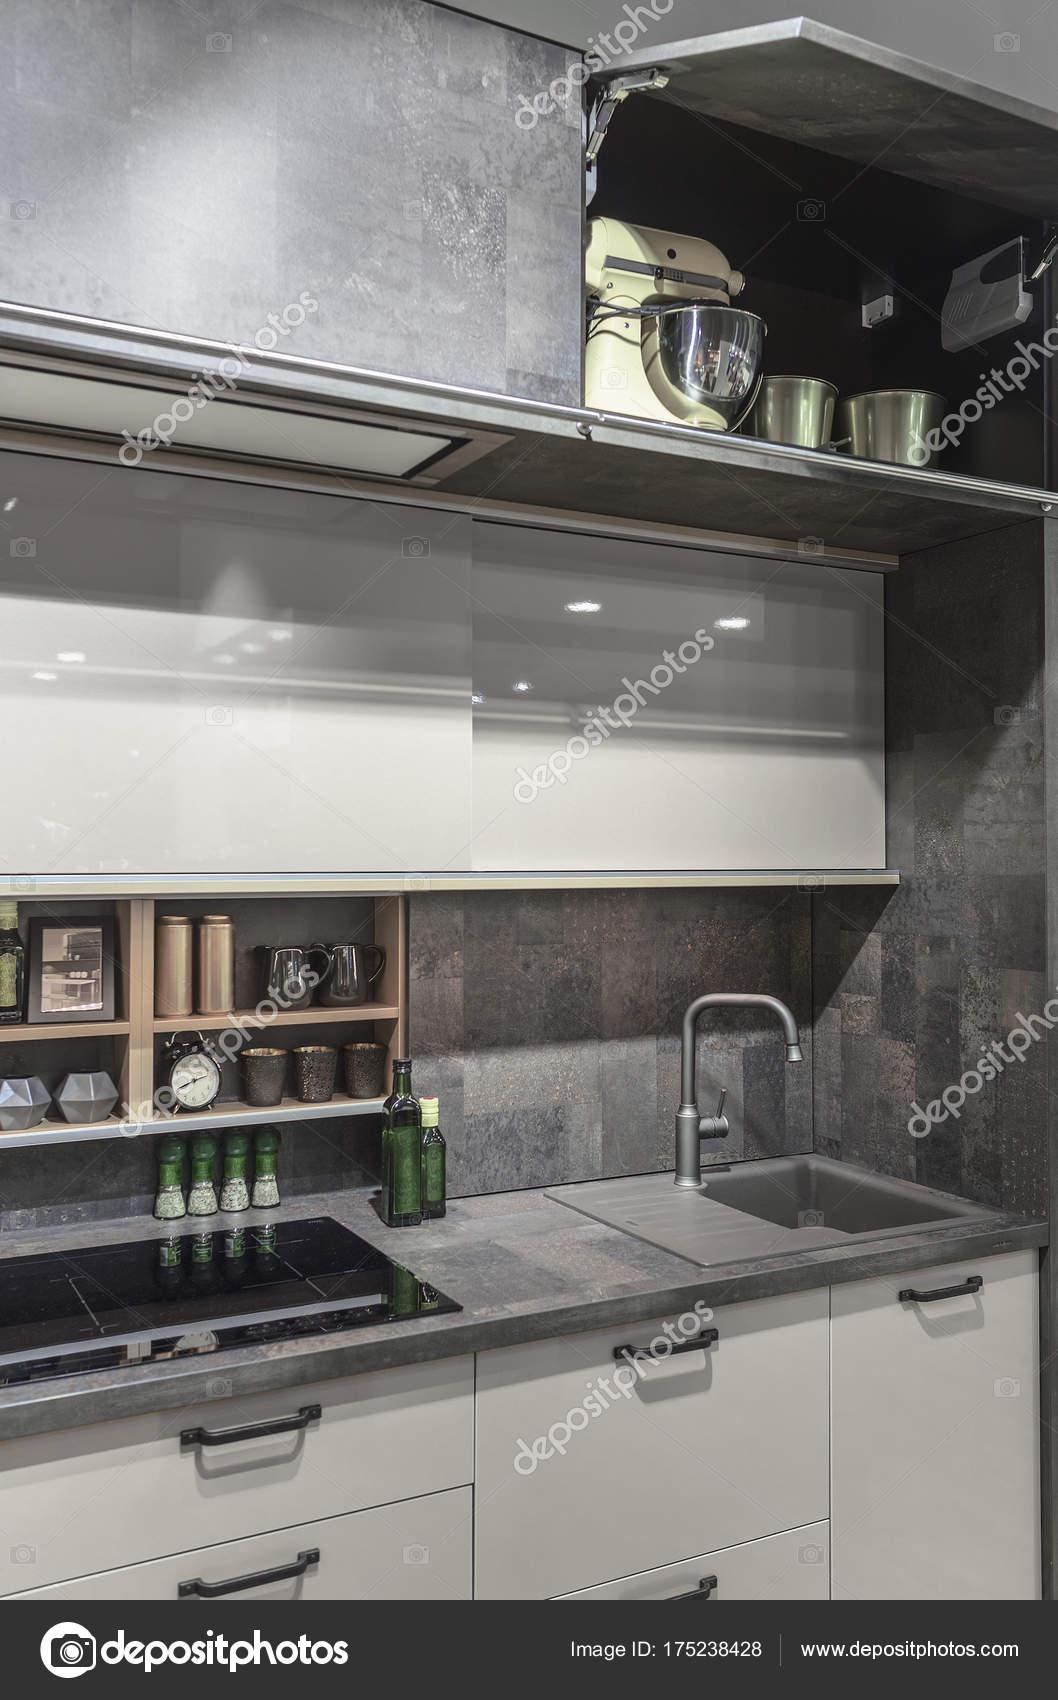 Cozinha Moderna E Funcional Duas Fileiras De Prateleiras Superiores